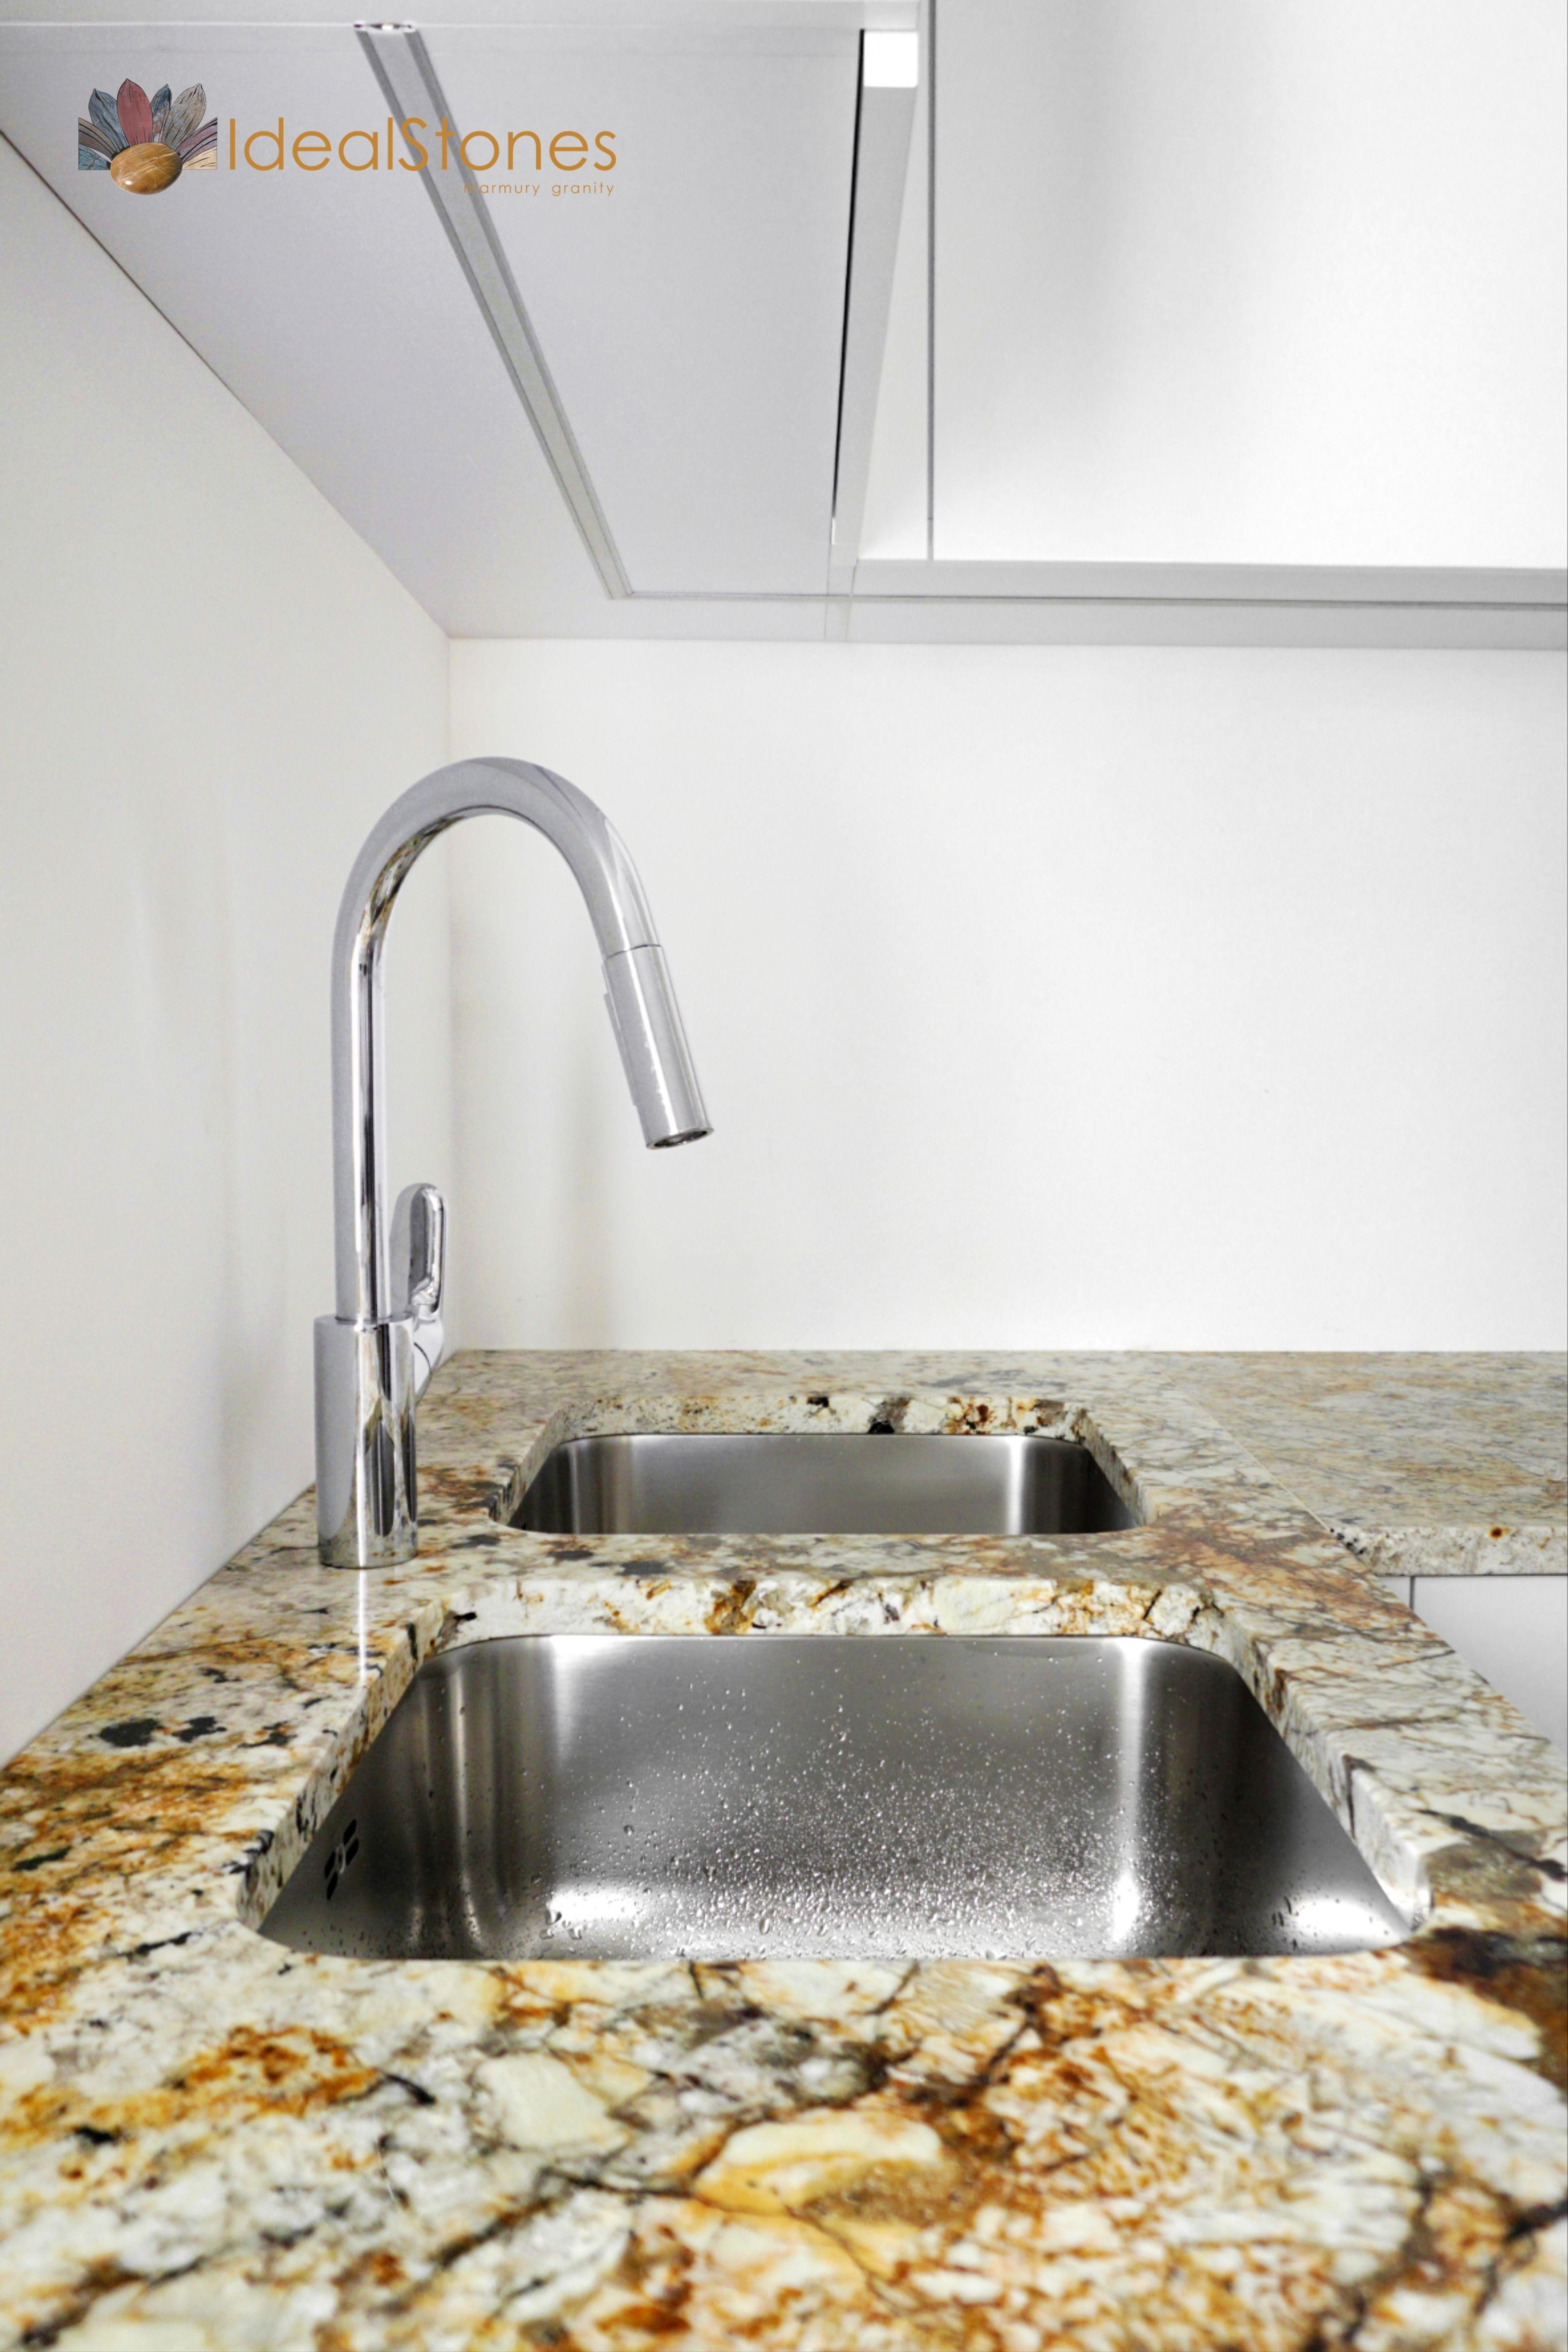 Blat Kamienny Granitowy W Kuchni Home Decor Sink Decor